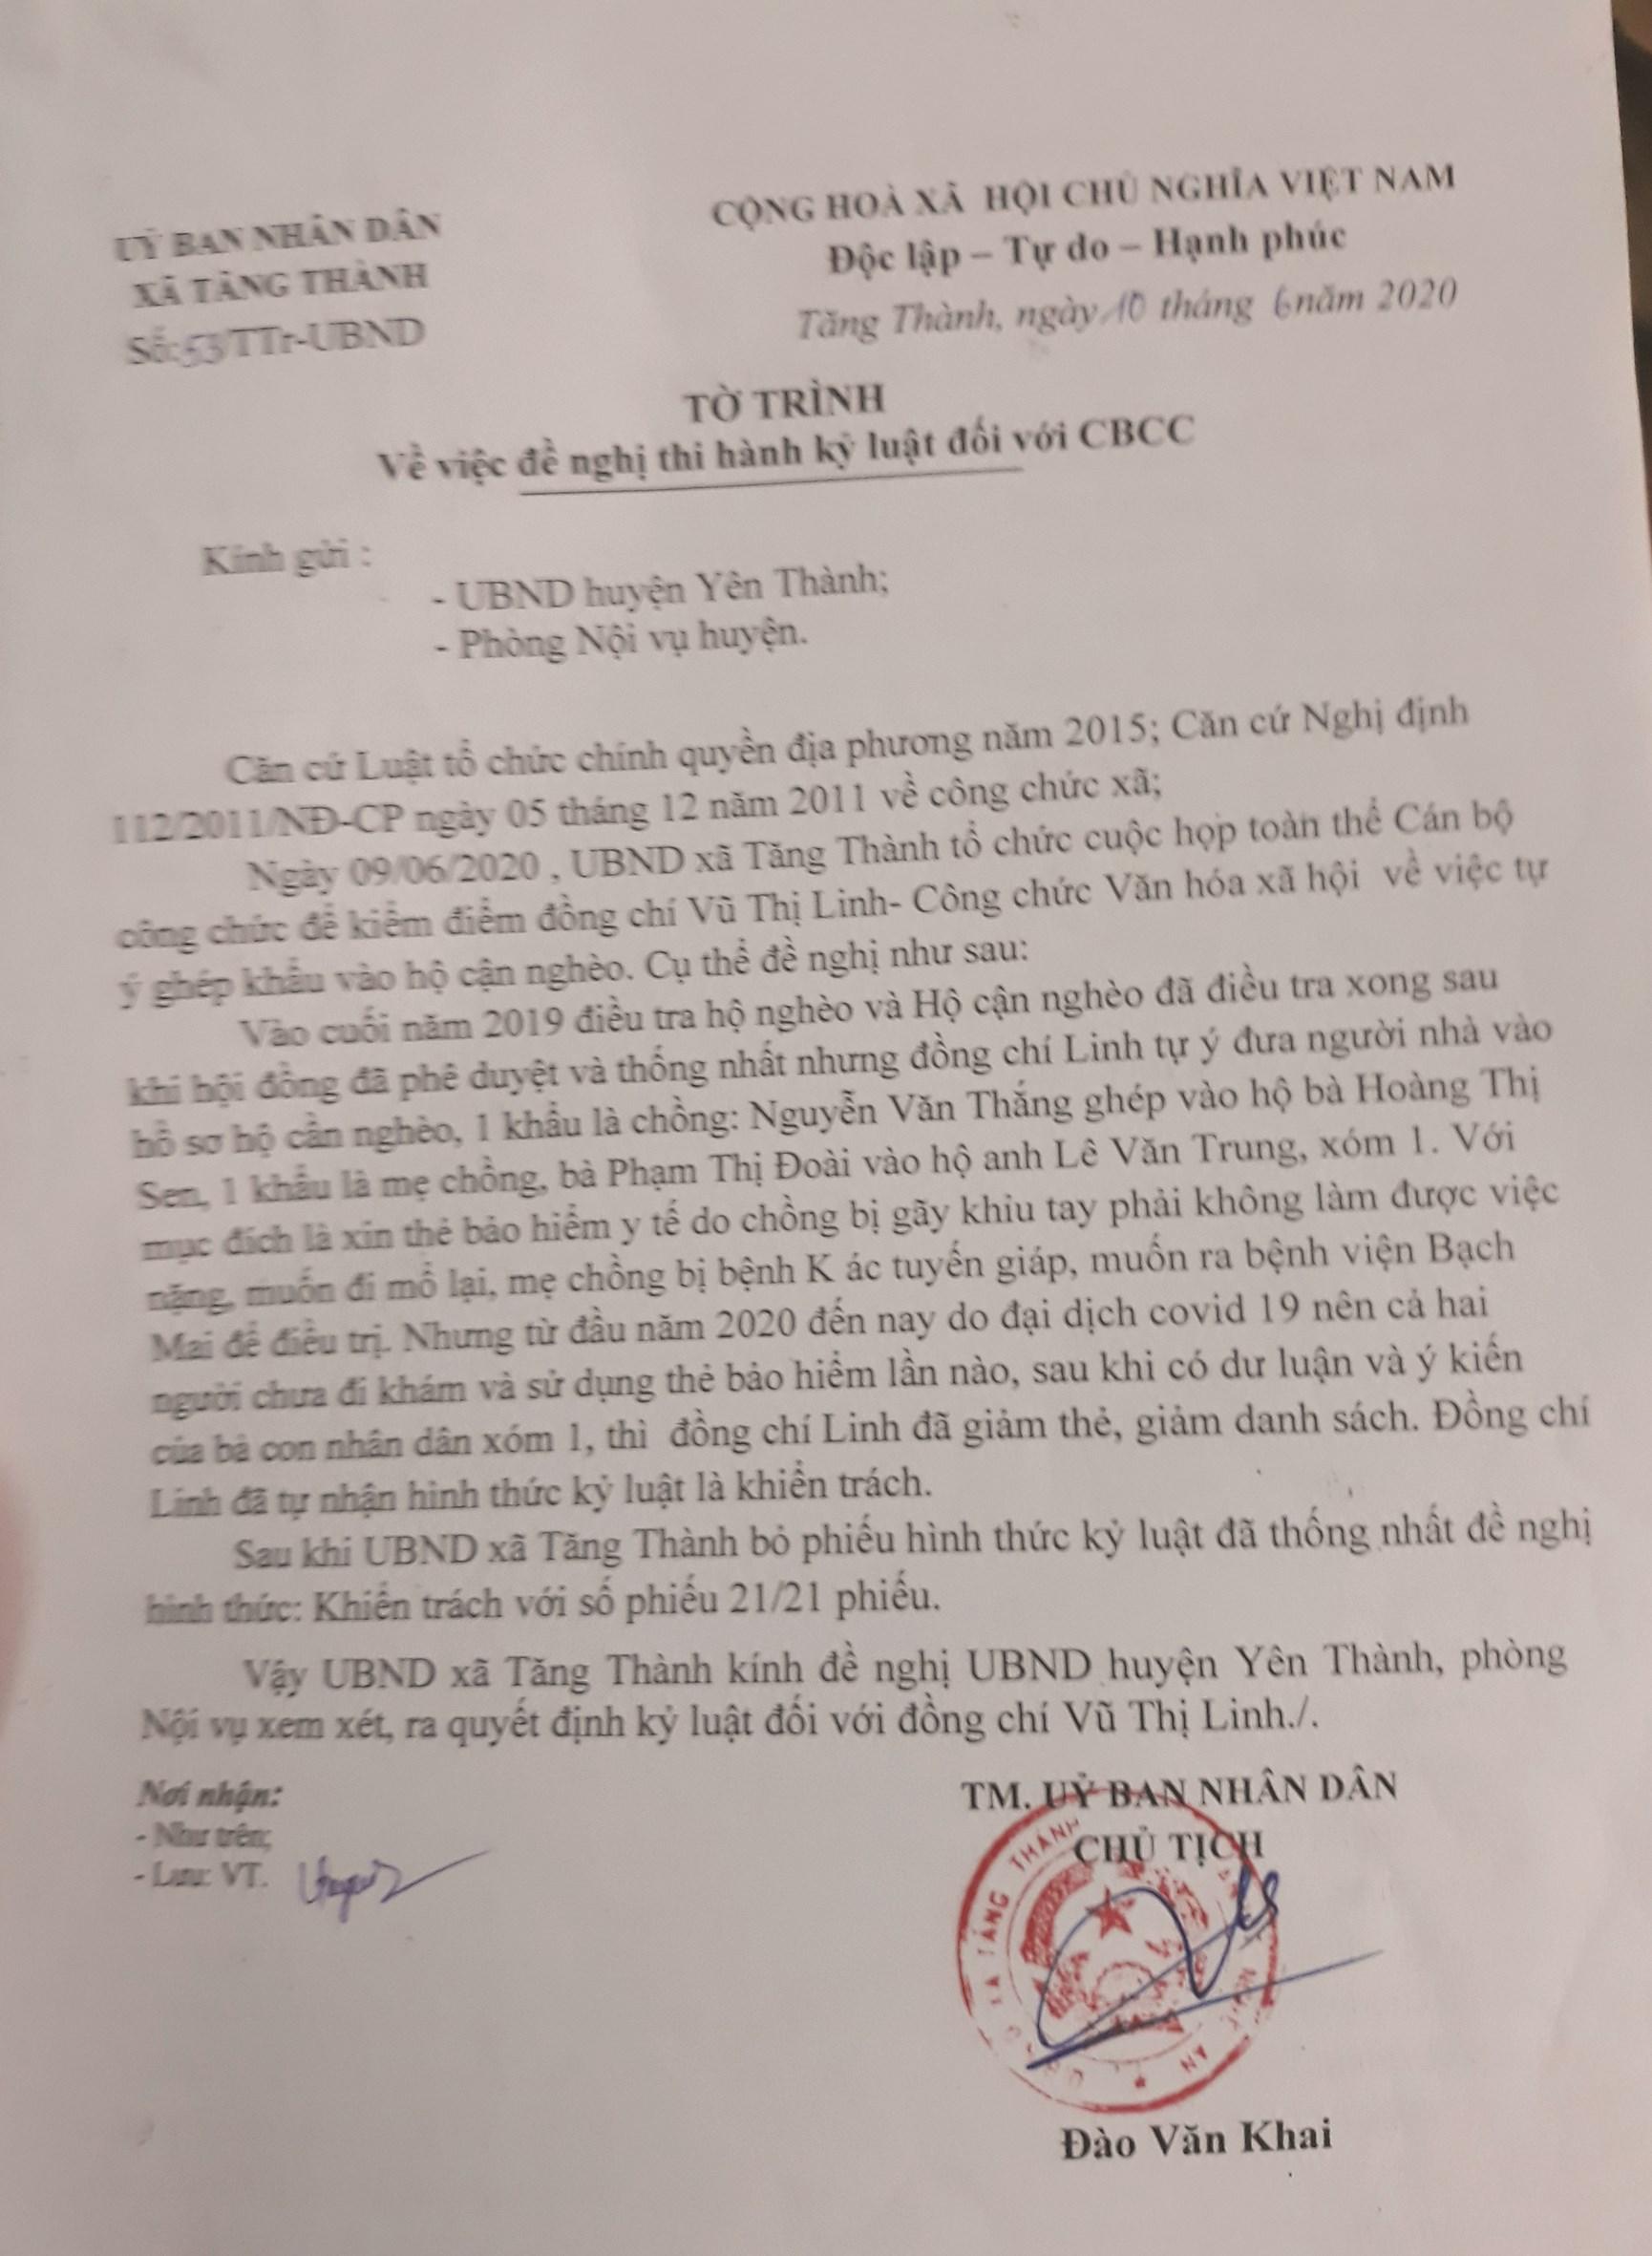 Tờ trình thi hành kỷ luật của xã Tăng Thành